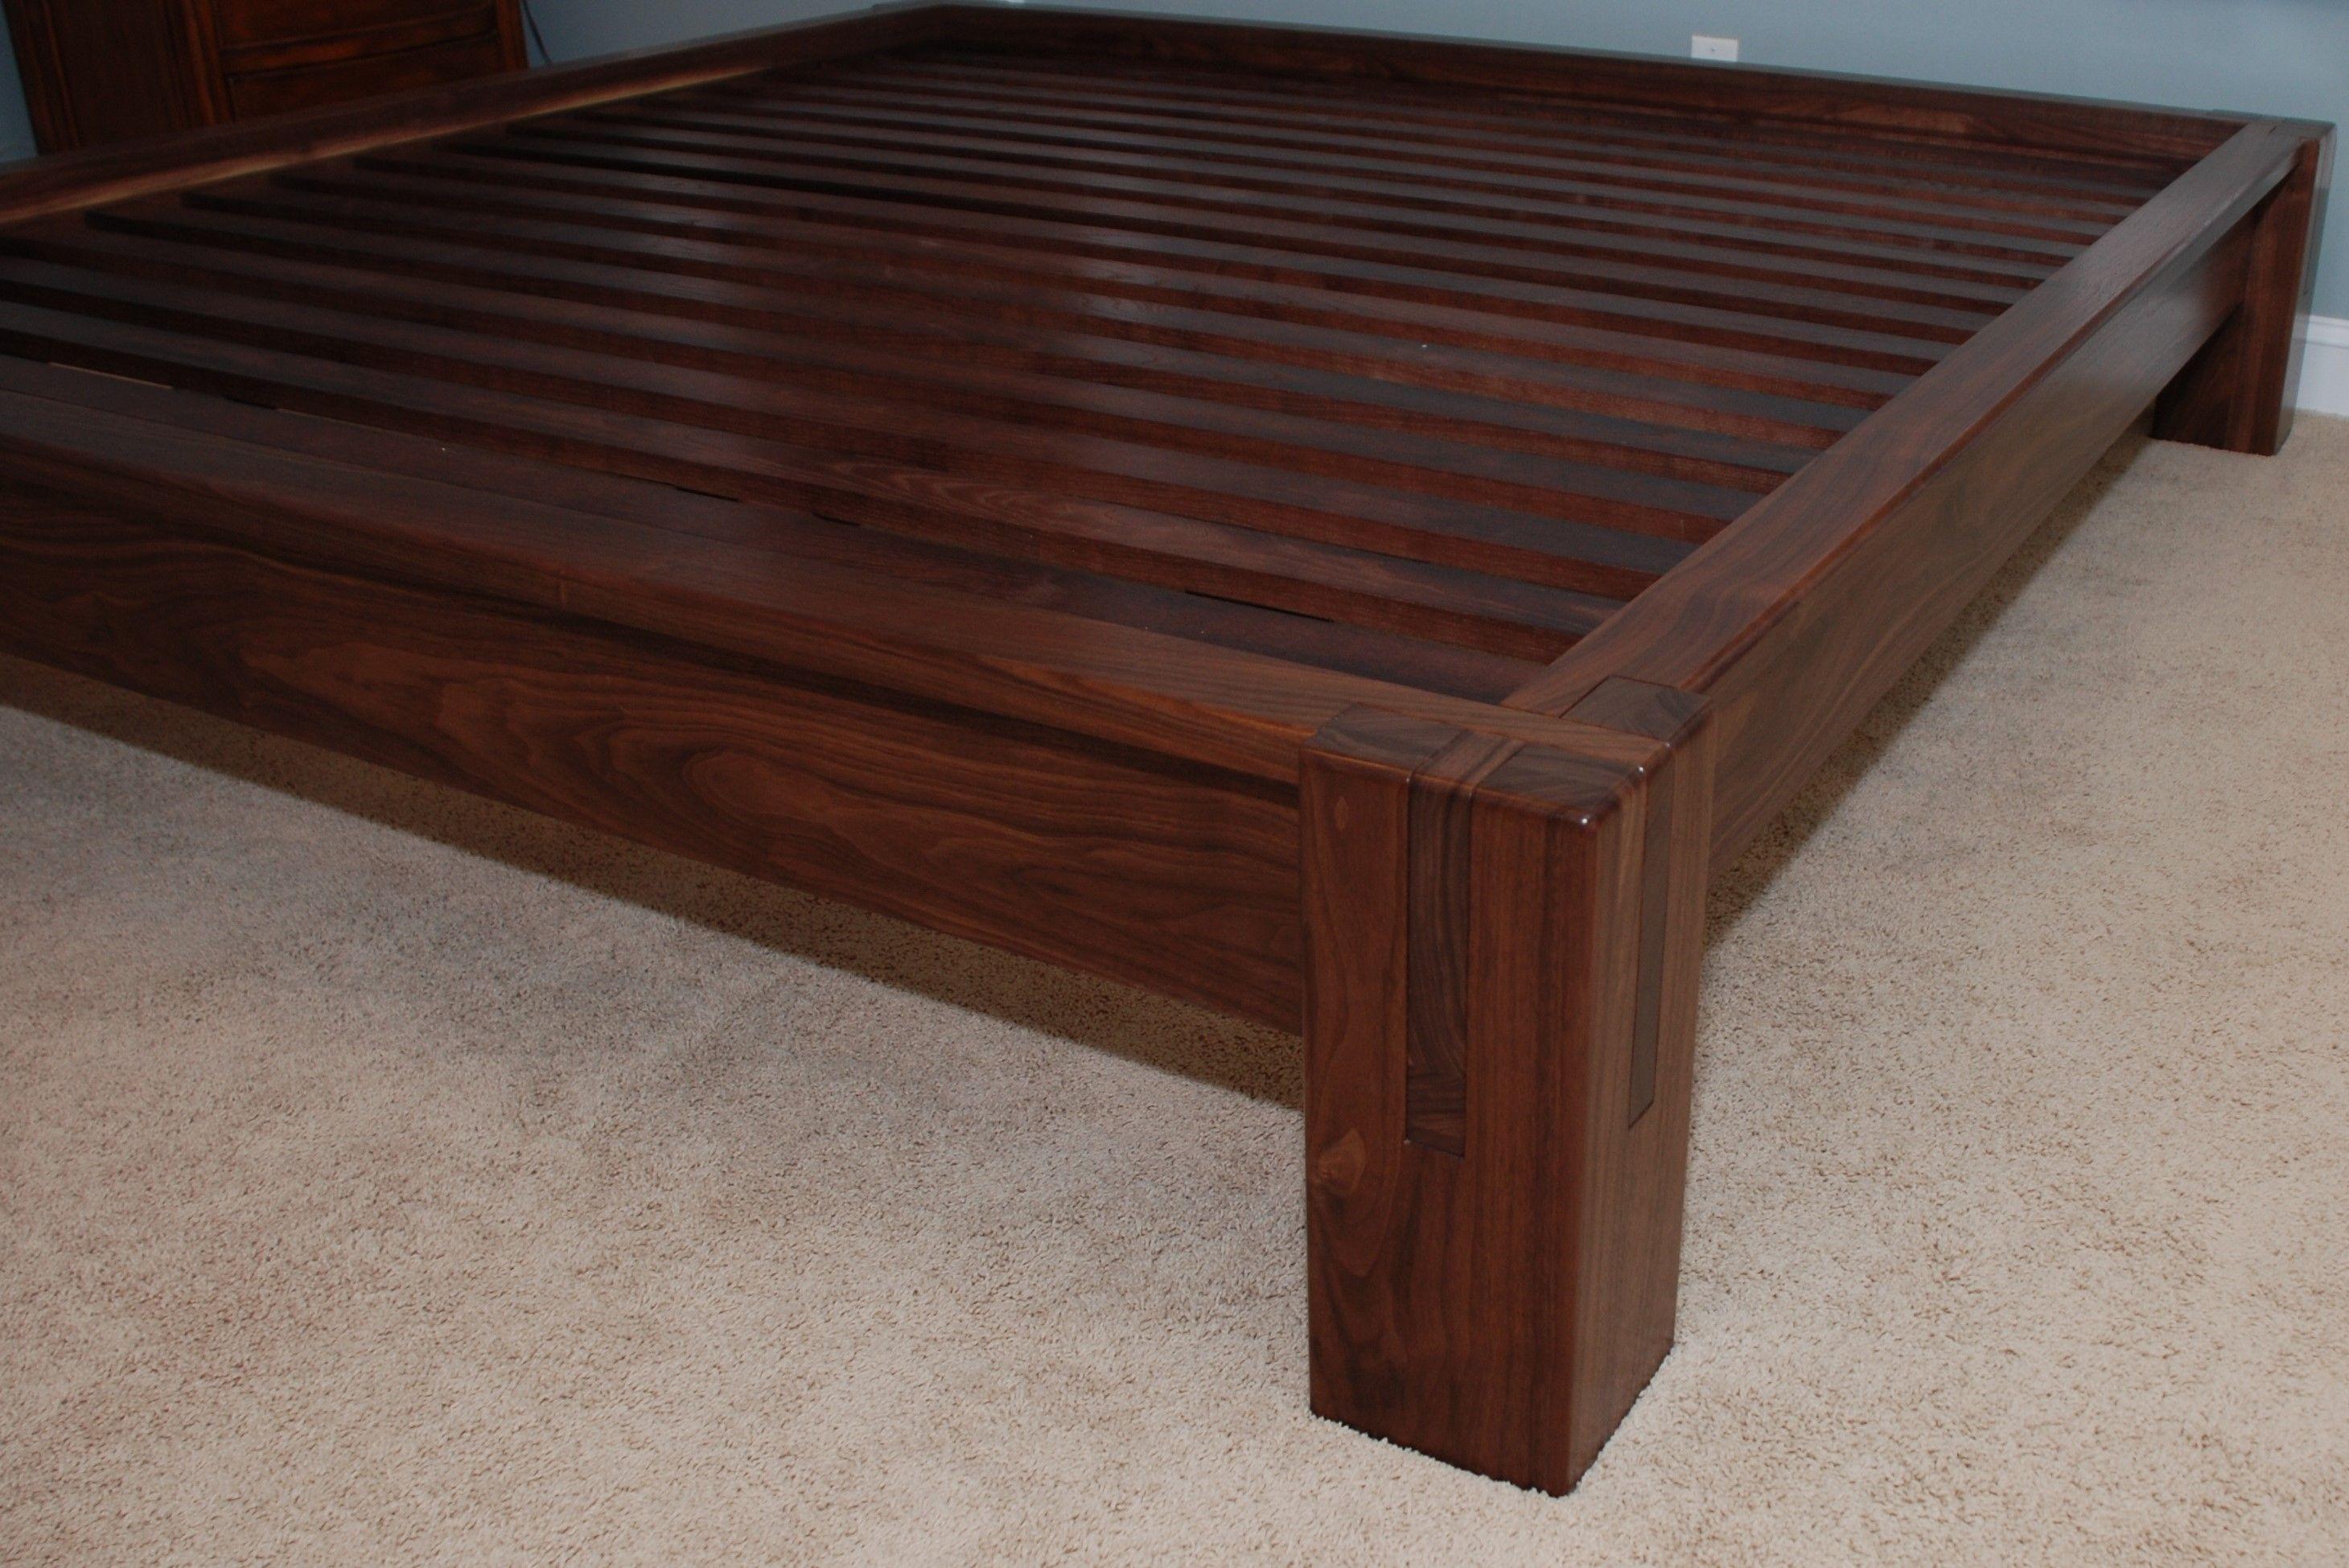 Hand Crafted Slatted Platform Bed Walnut By Belak